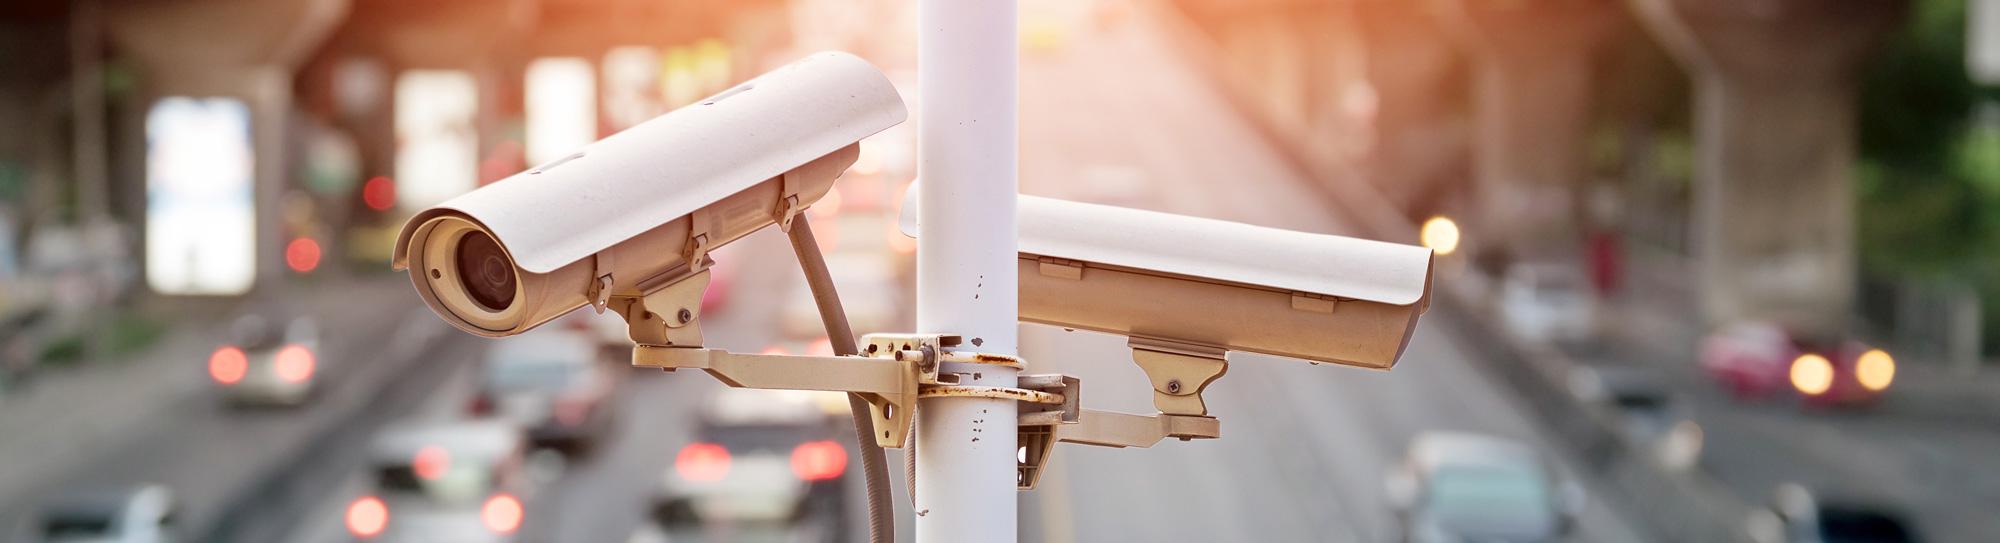 Des caméras pour surveiller Bruxelles